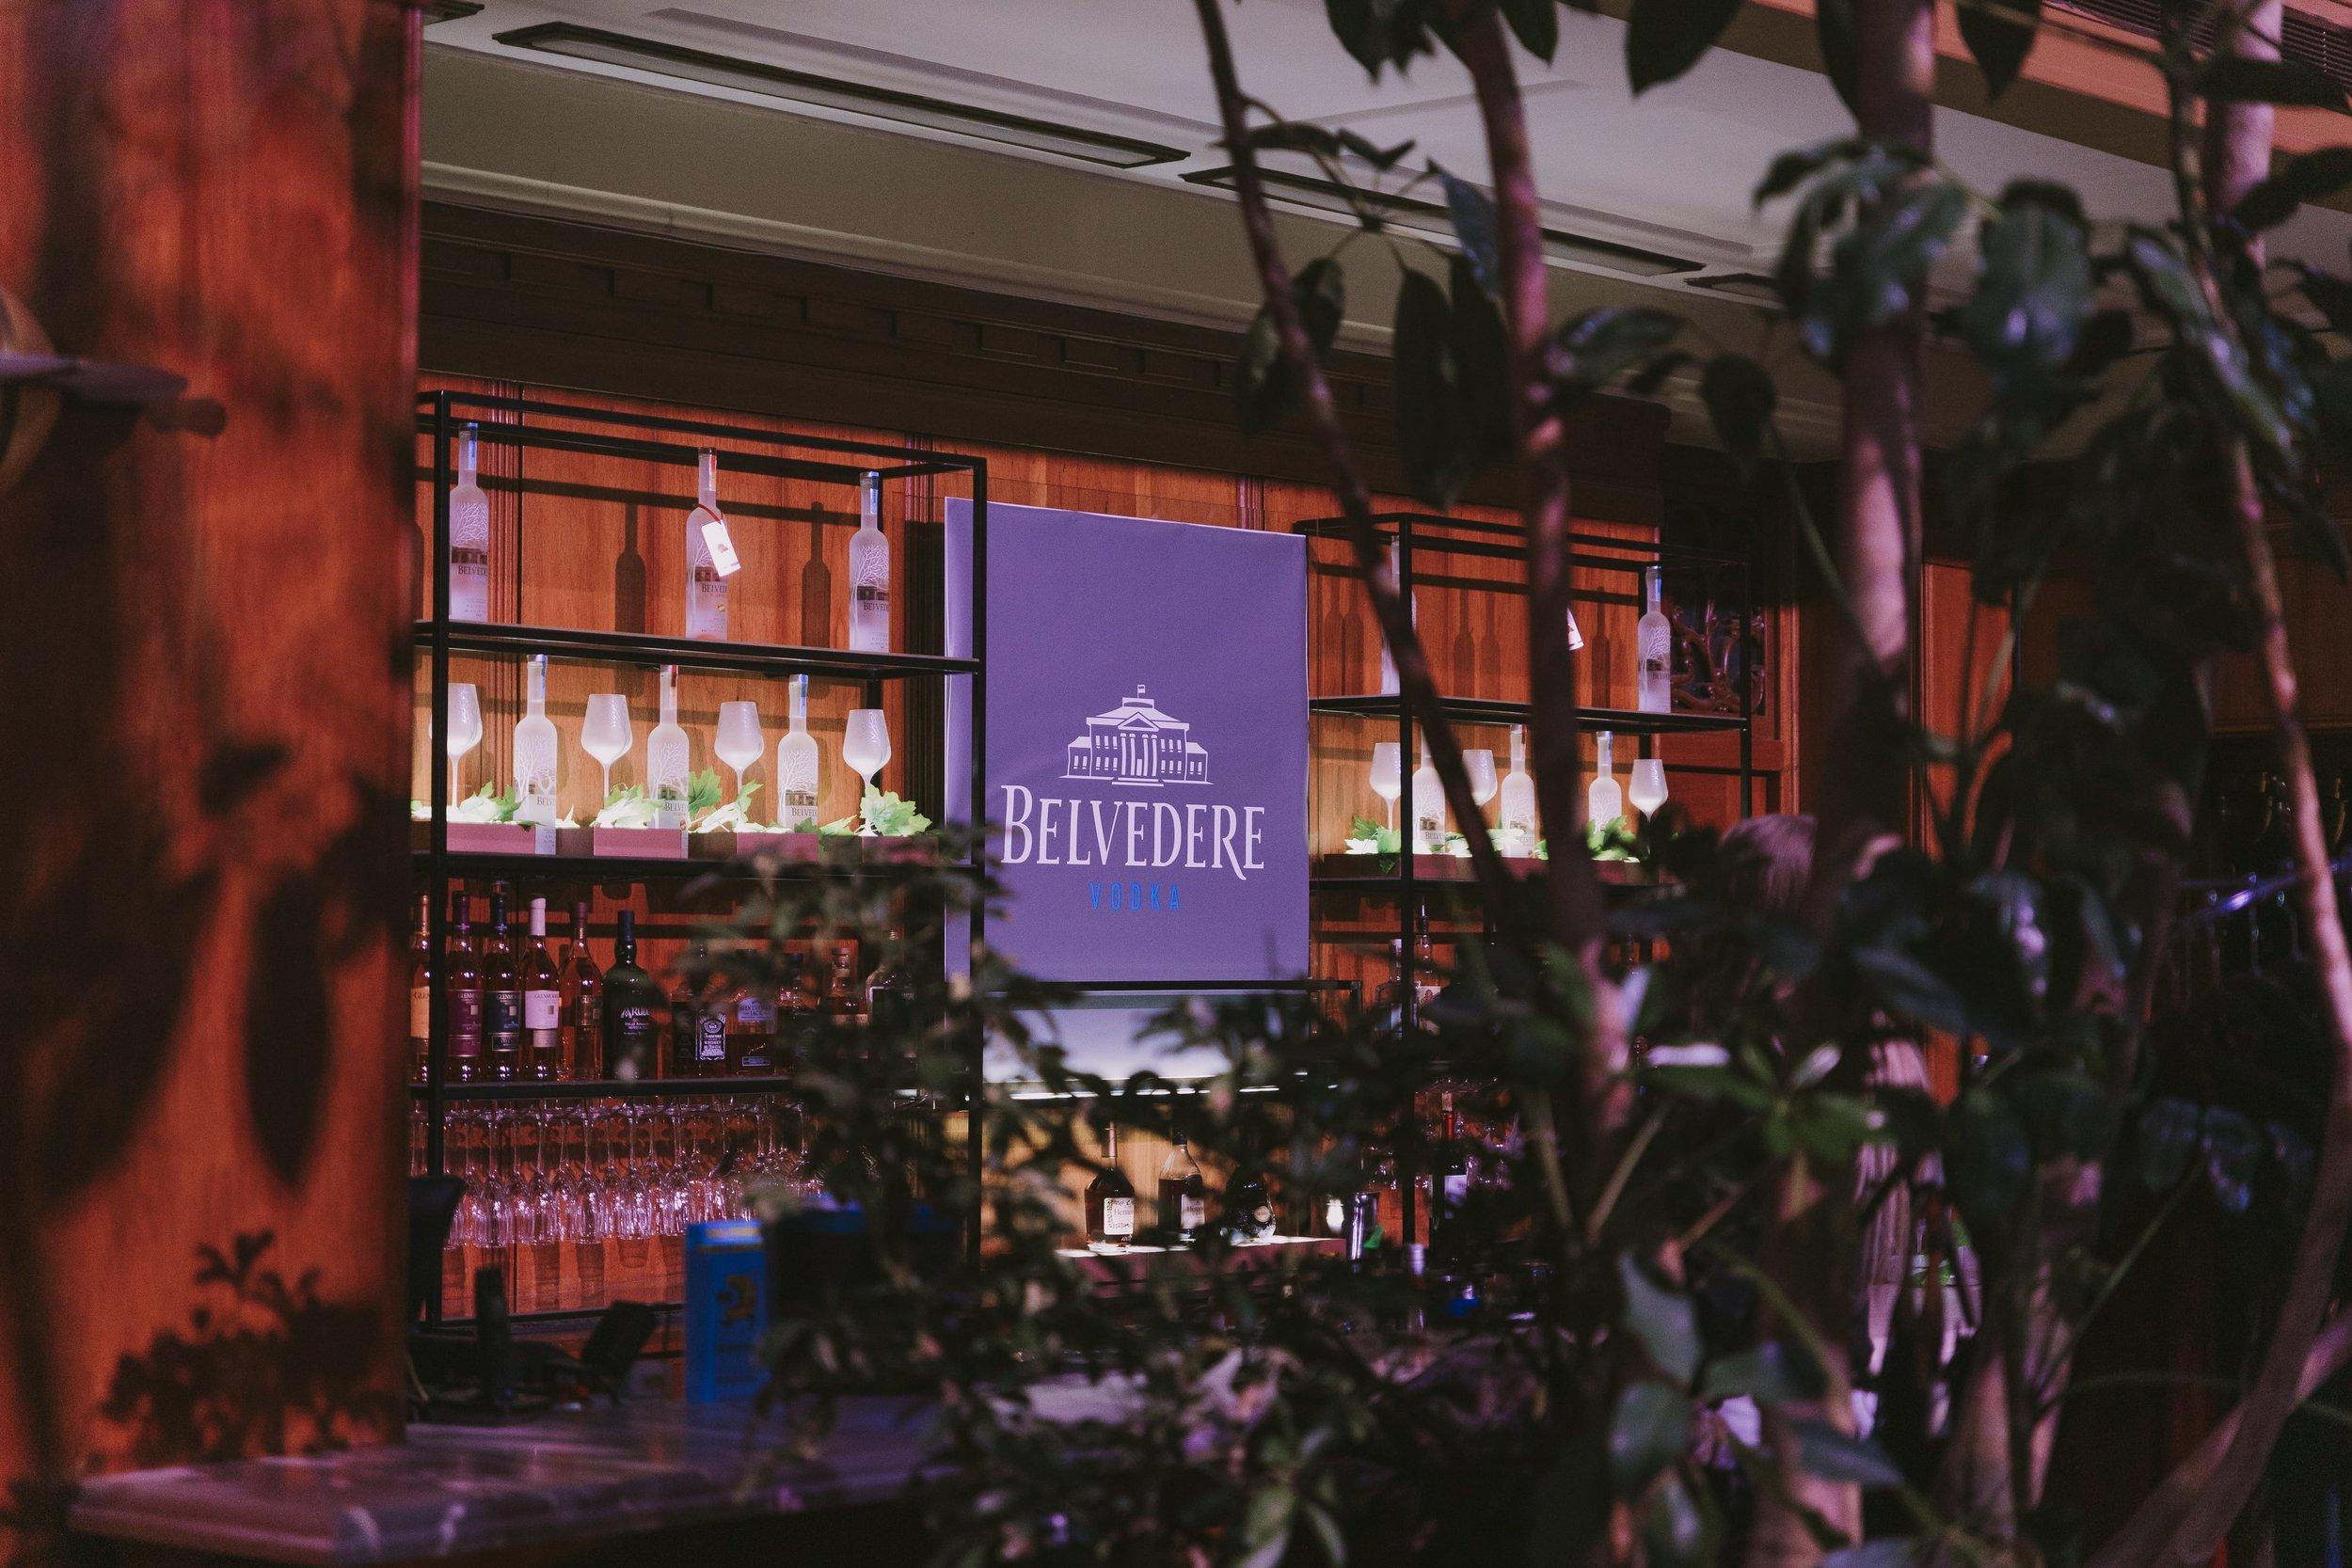 Botanik Social House_Belvedere_04-07-2019-6-min (1).jpg